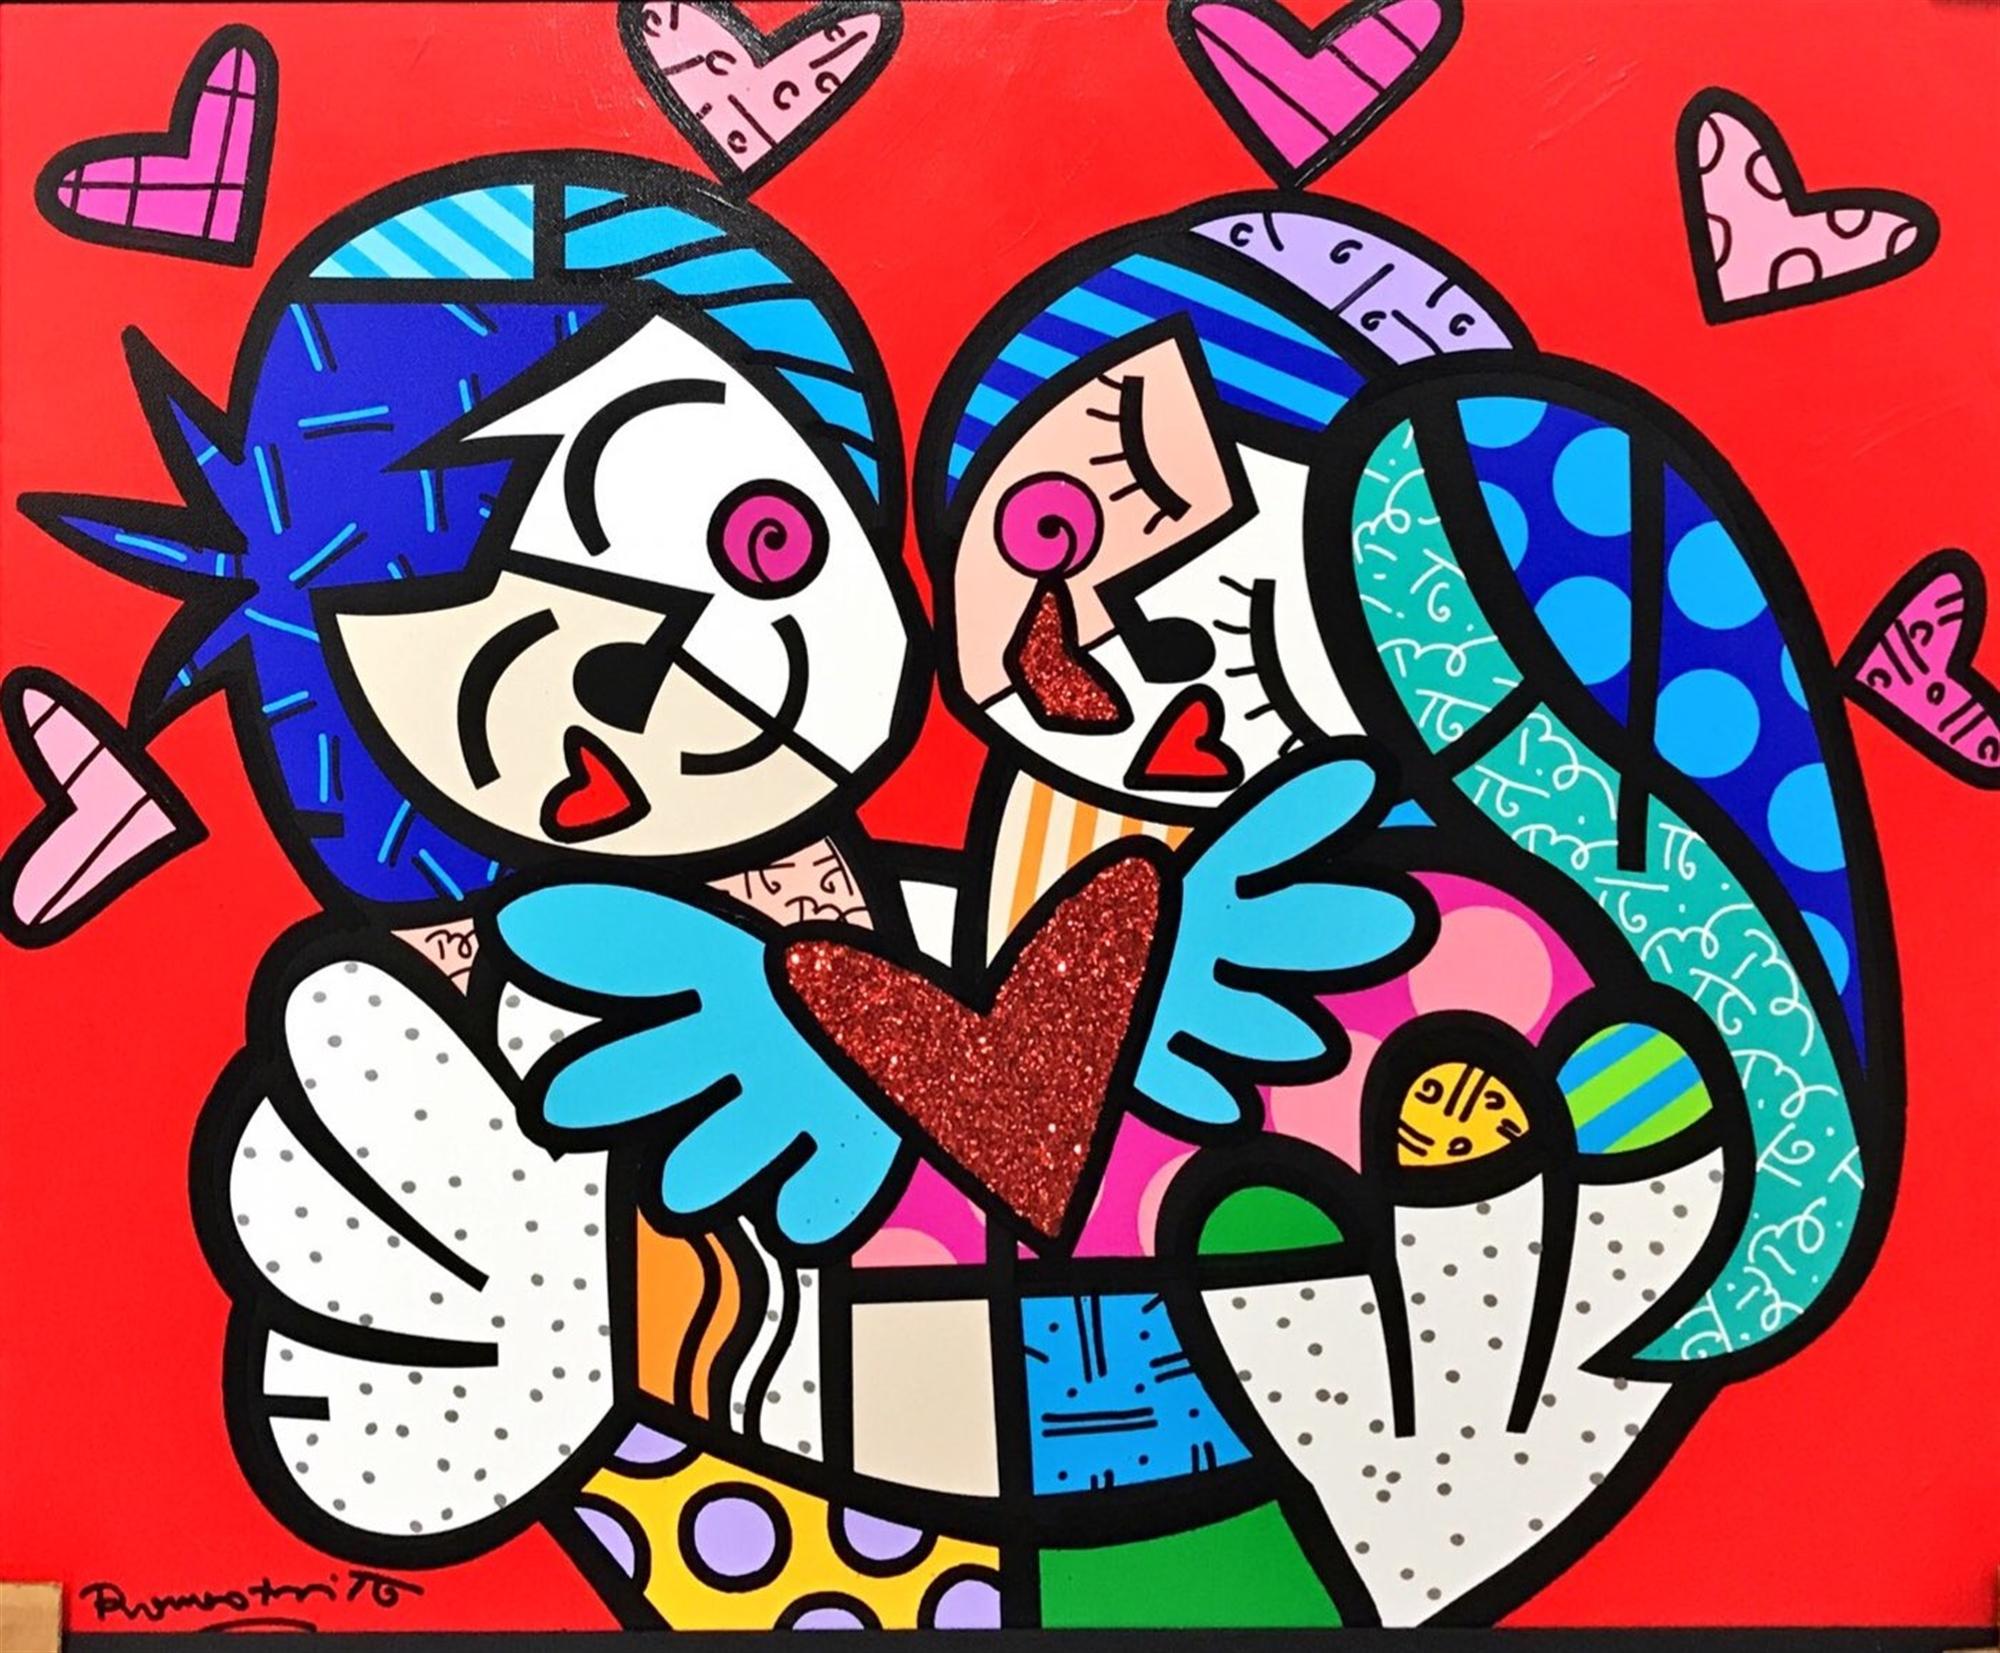 Hugs & Kisses by Romero Britto